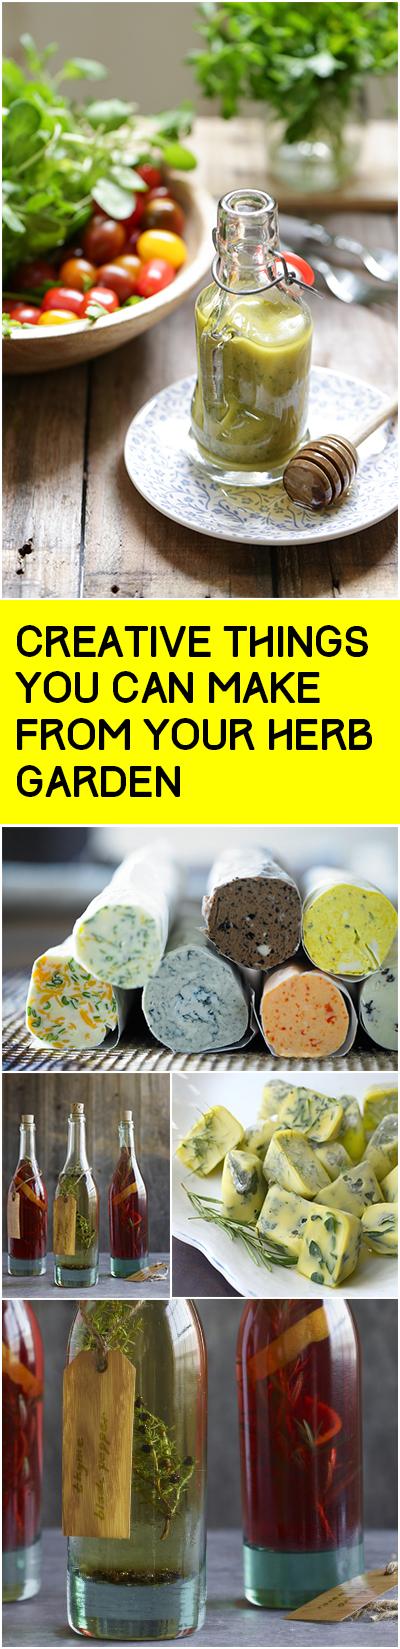 Gardening, Garden Ideas, DIY Garden Ideas, Gardening Crafts, Gardening Crafts for Kids, Gardening Crafts for Toddlers #DIYGardenIdeas #GardeningCrafts #GardeningCraftsforKids